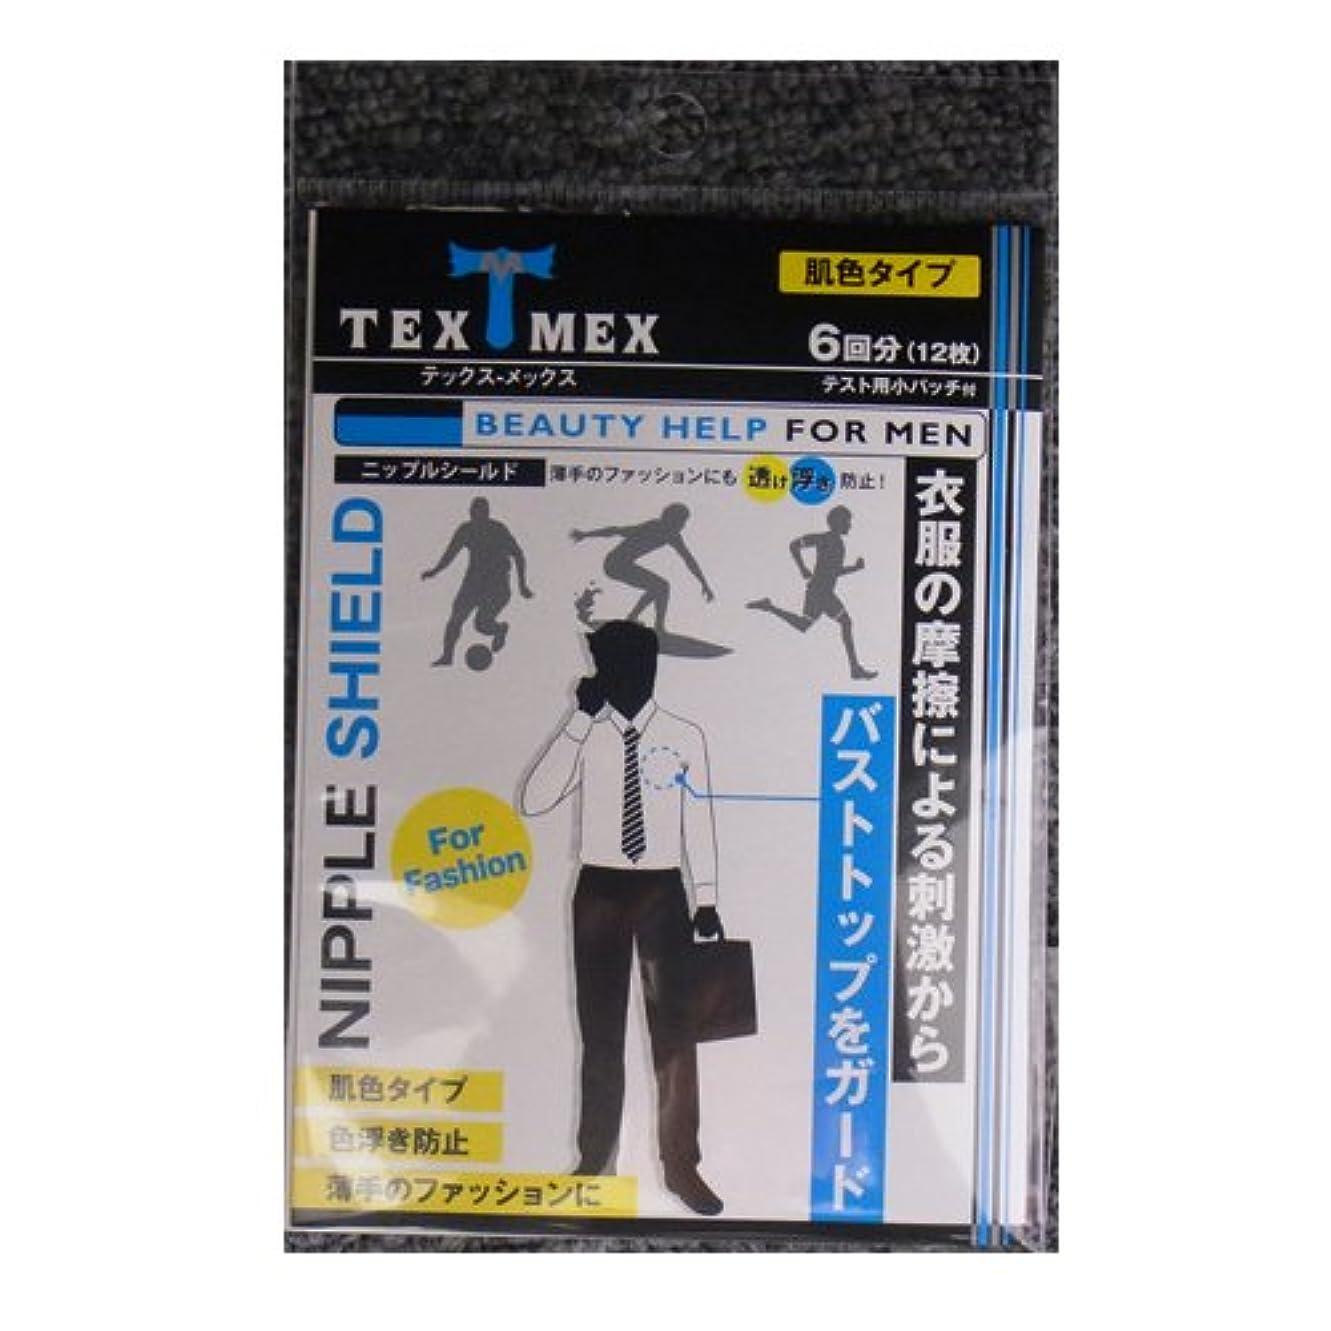 くつろぐハイライト建設テックスメックス ニップルシールド 肌色 6回分(12枚) 【透けたり浮いたりするバストトップをガード】 (クールビズ 透けない 透け乳首)